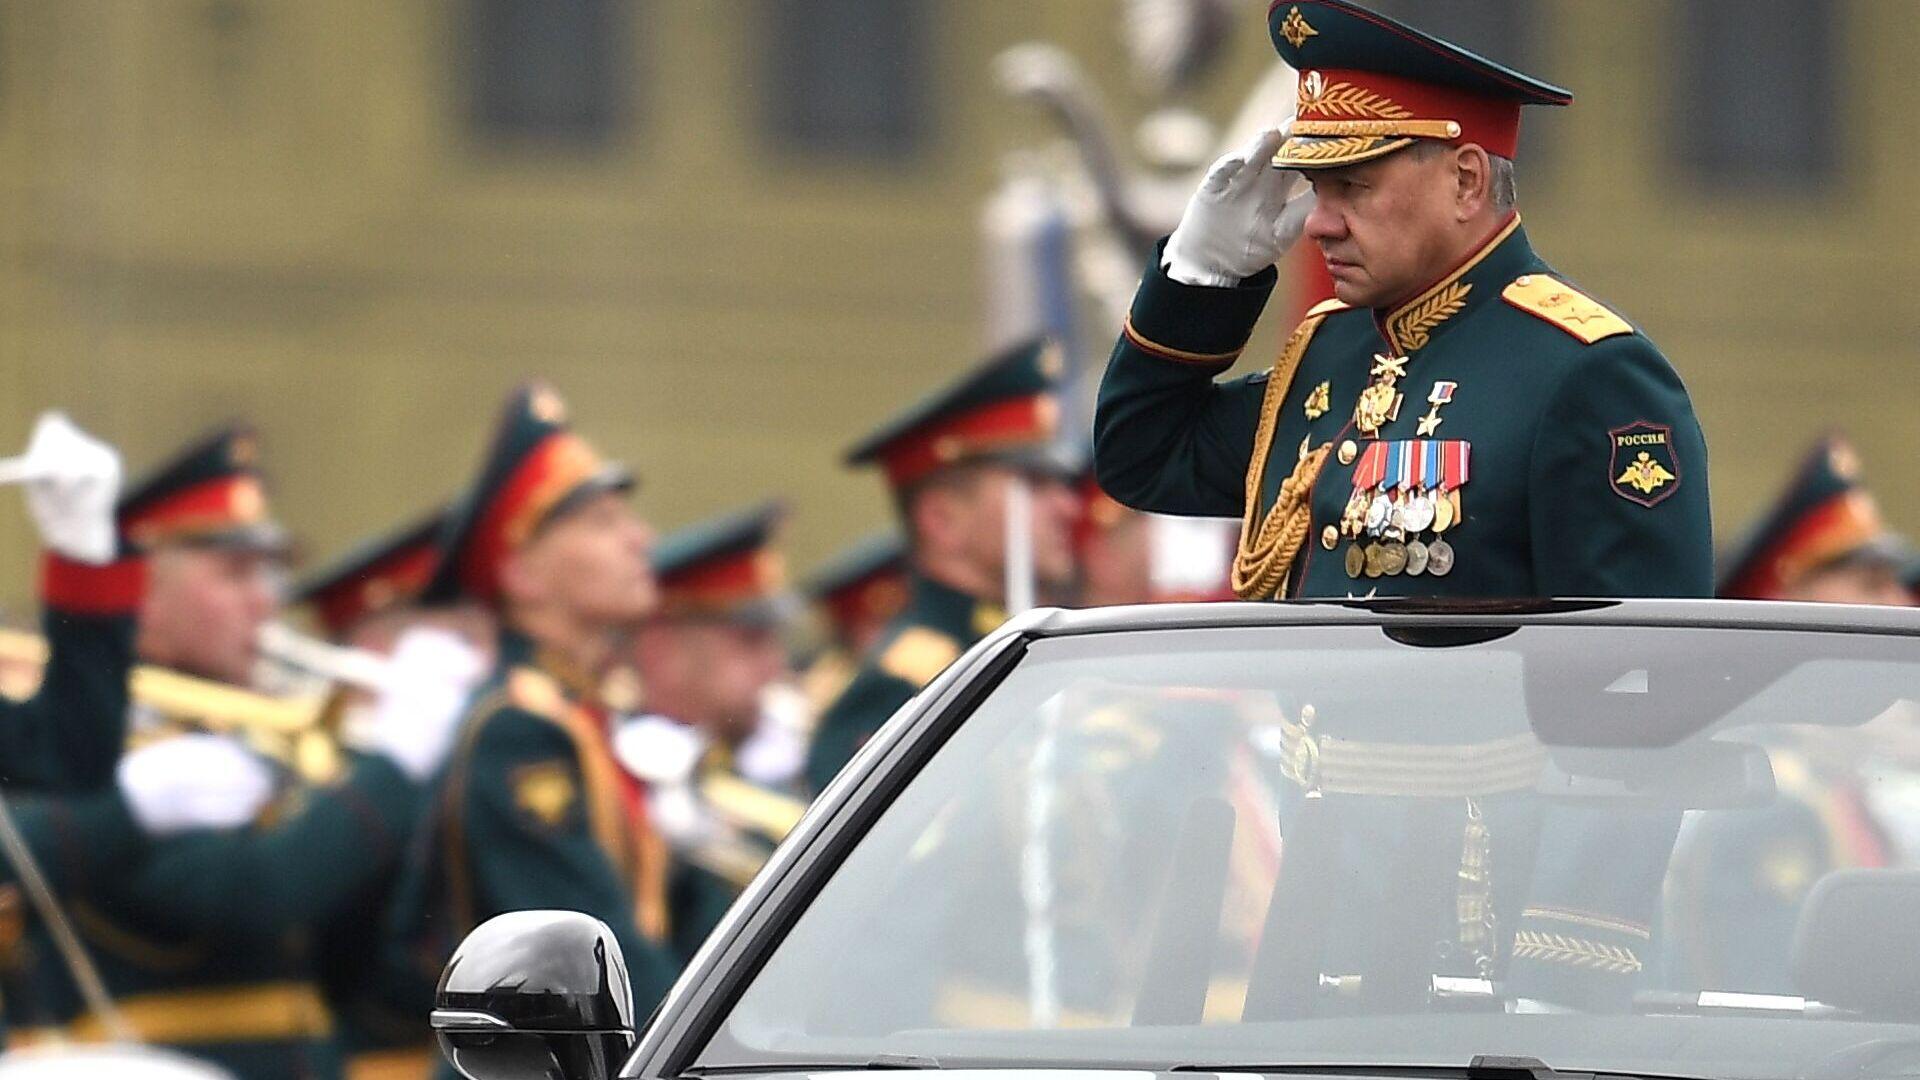 Ministar odbrane Sergej Šojgu na vojnoj paradi u čast 76. godišnjice pobede u Drugom svetskom ratu - Sputnik Srbija, 1920, 11.06.2021